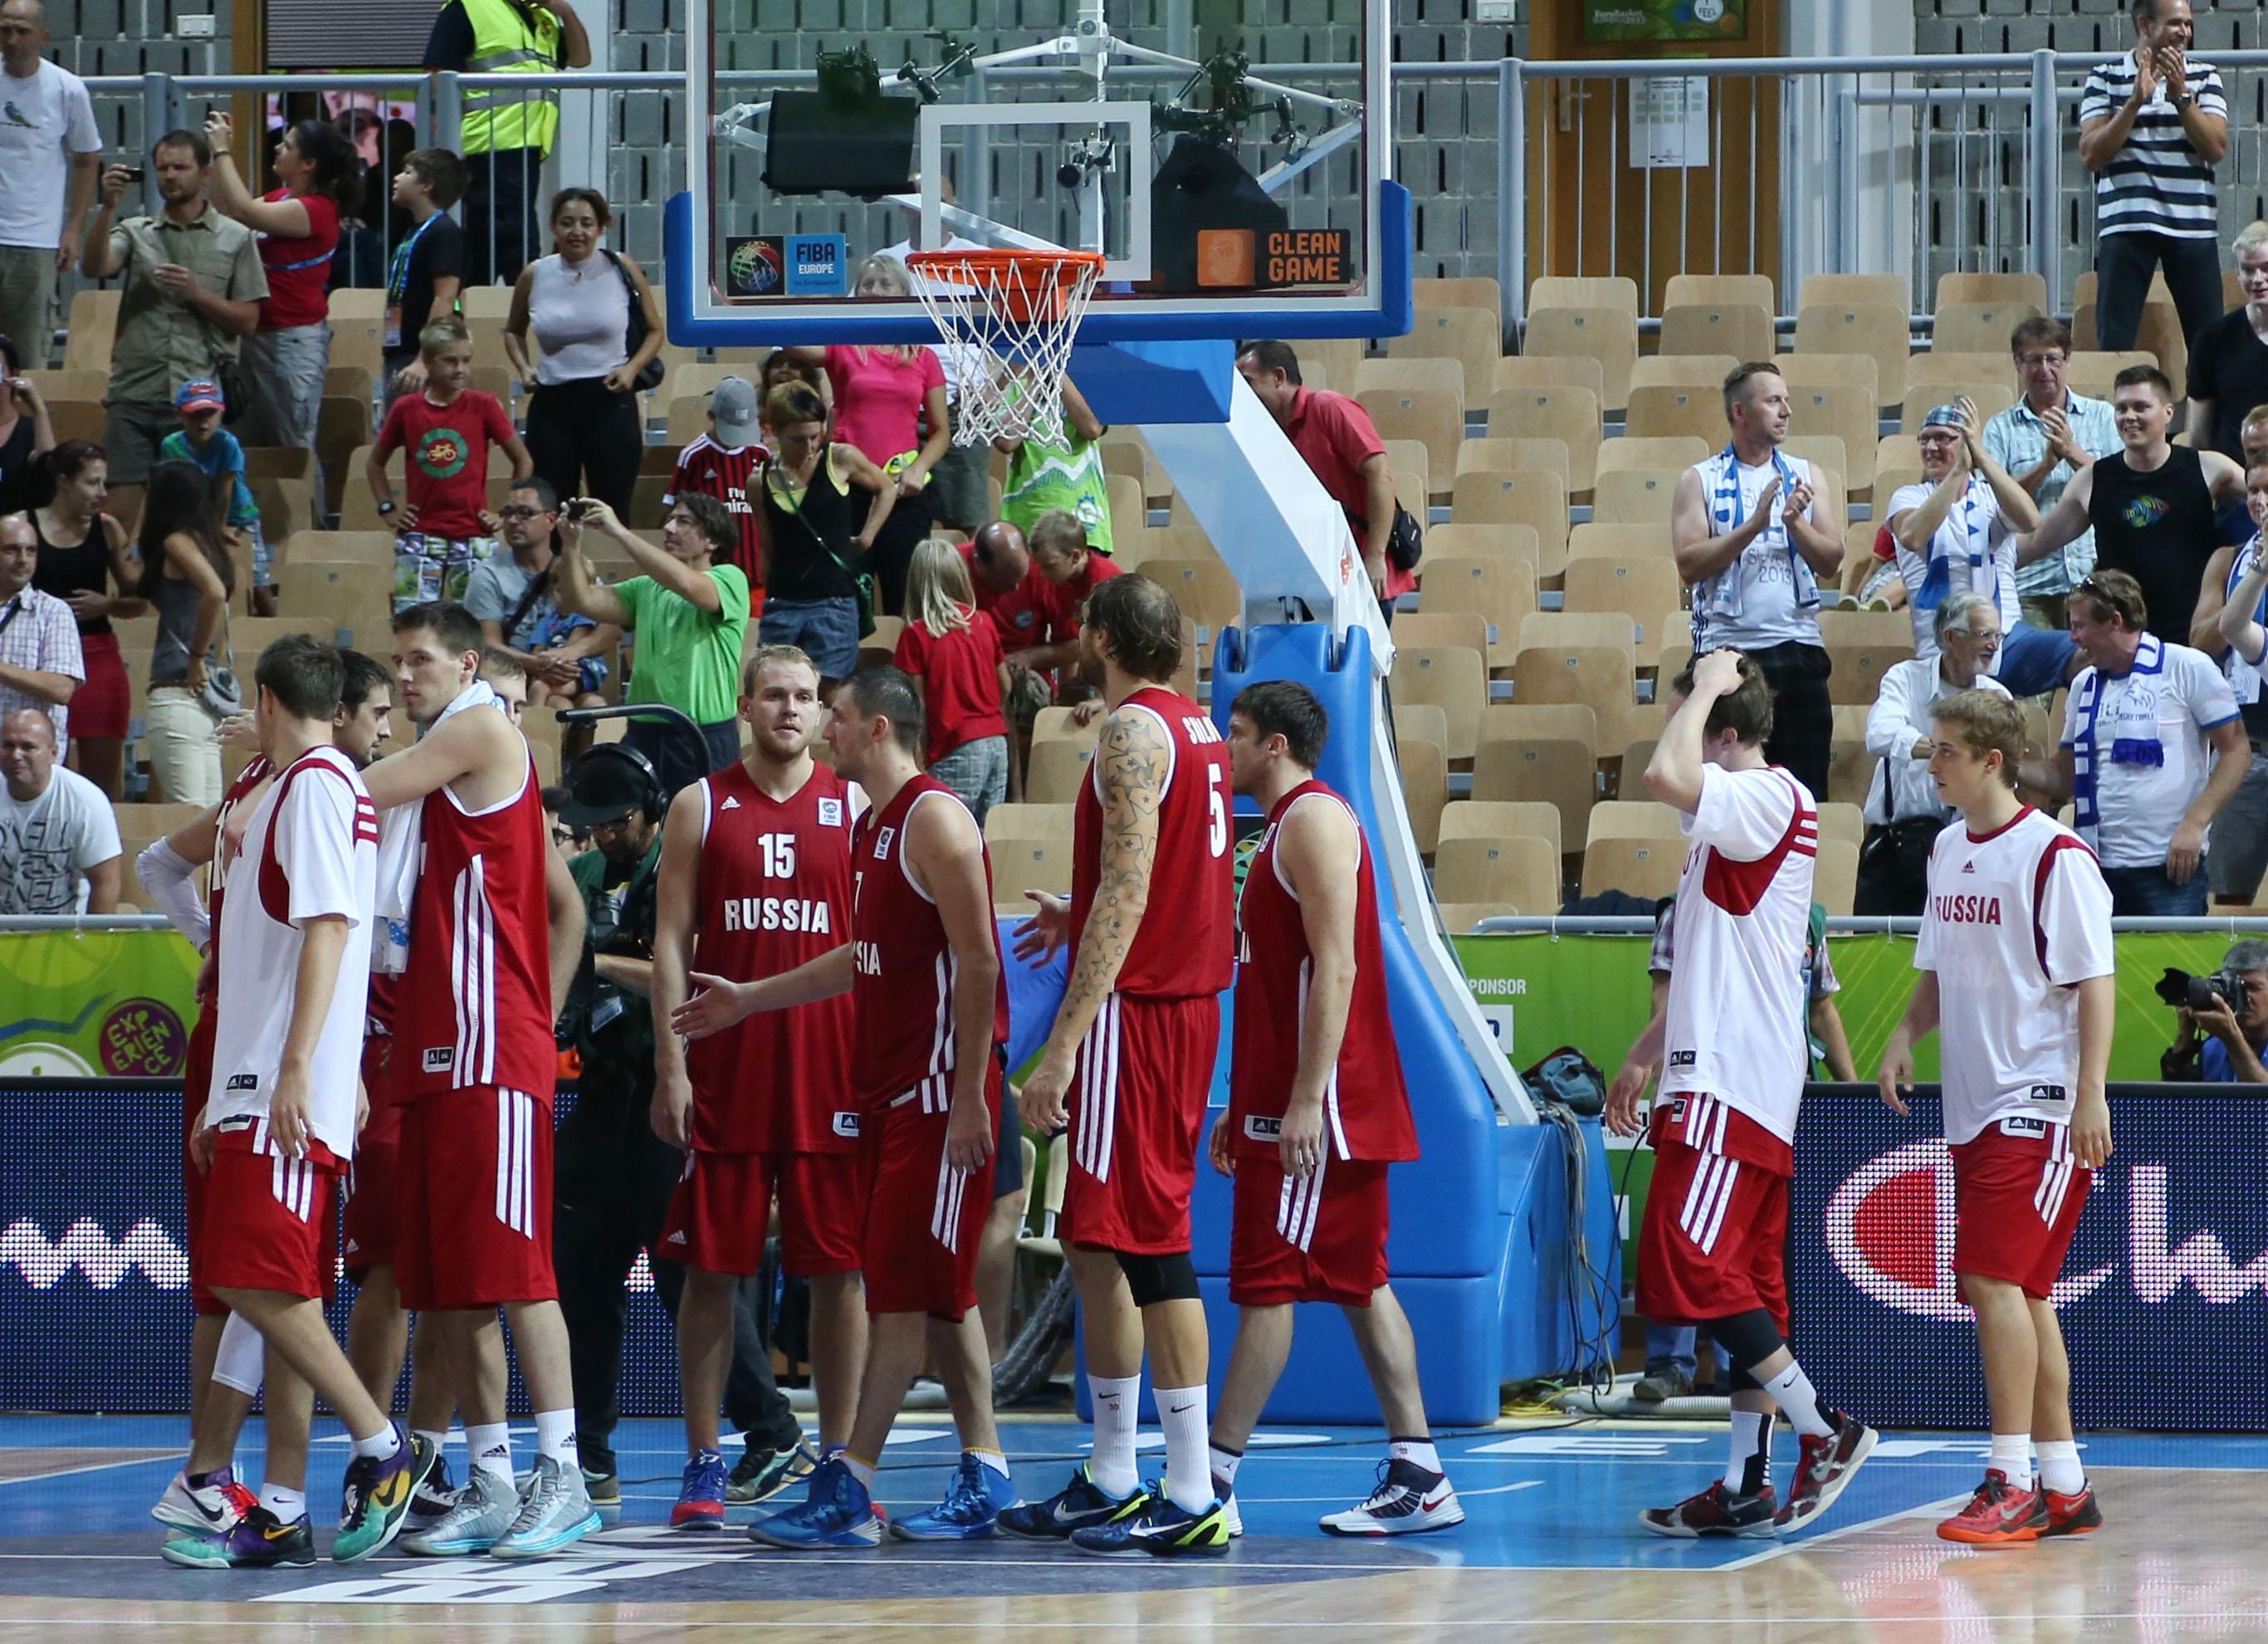 Чемпионат мира по баскетболу-2014 пройдет без сборной России